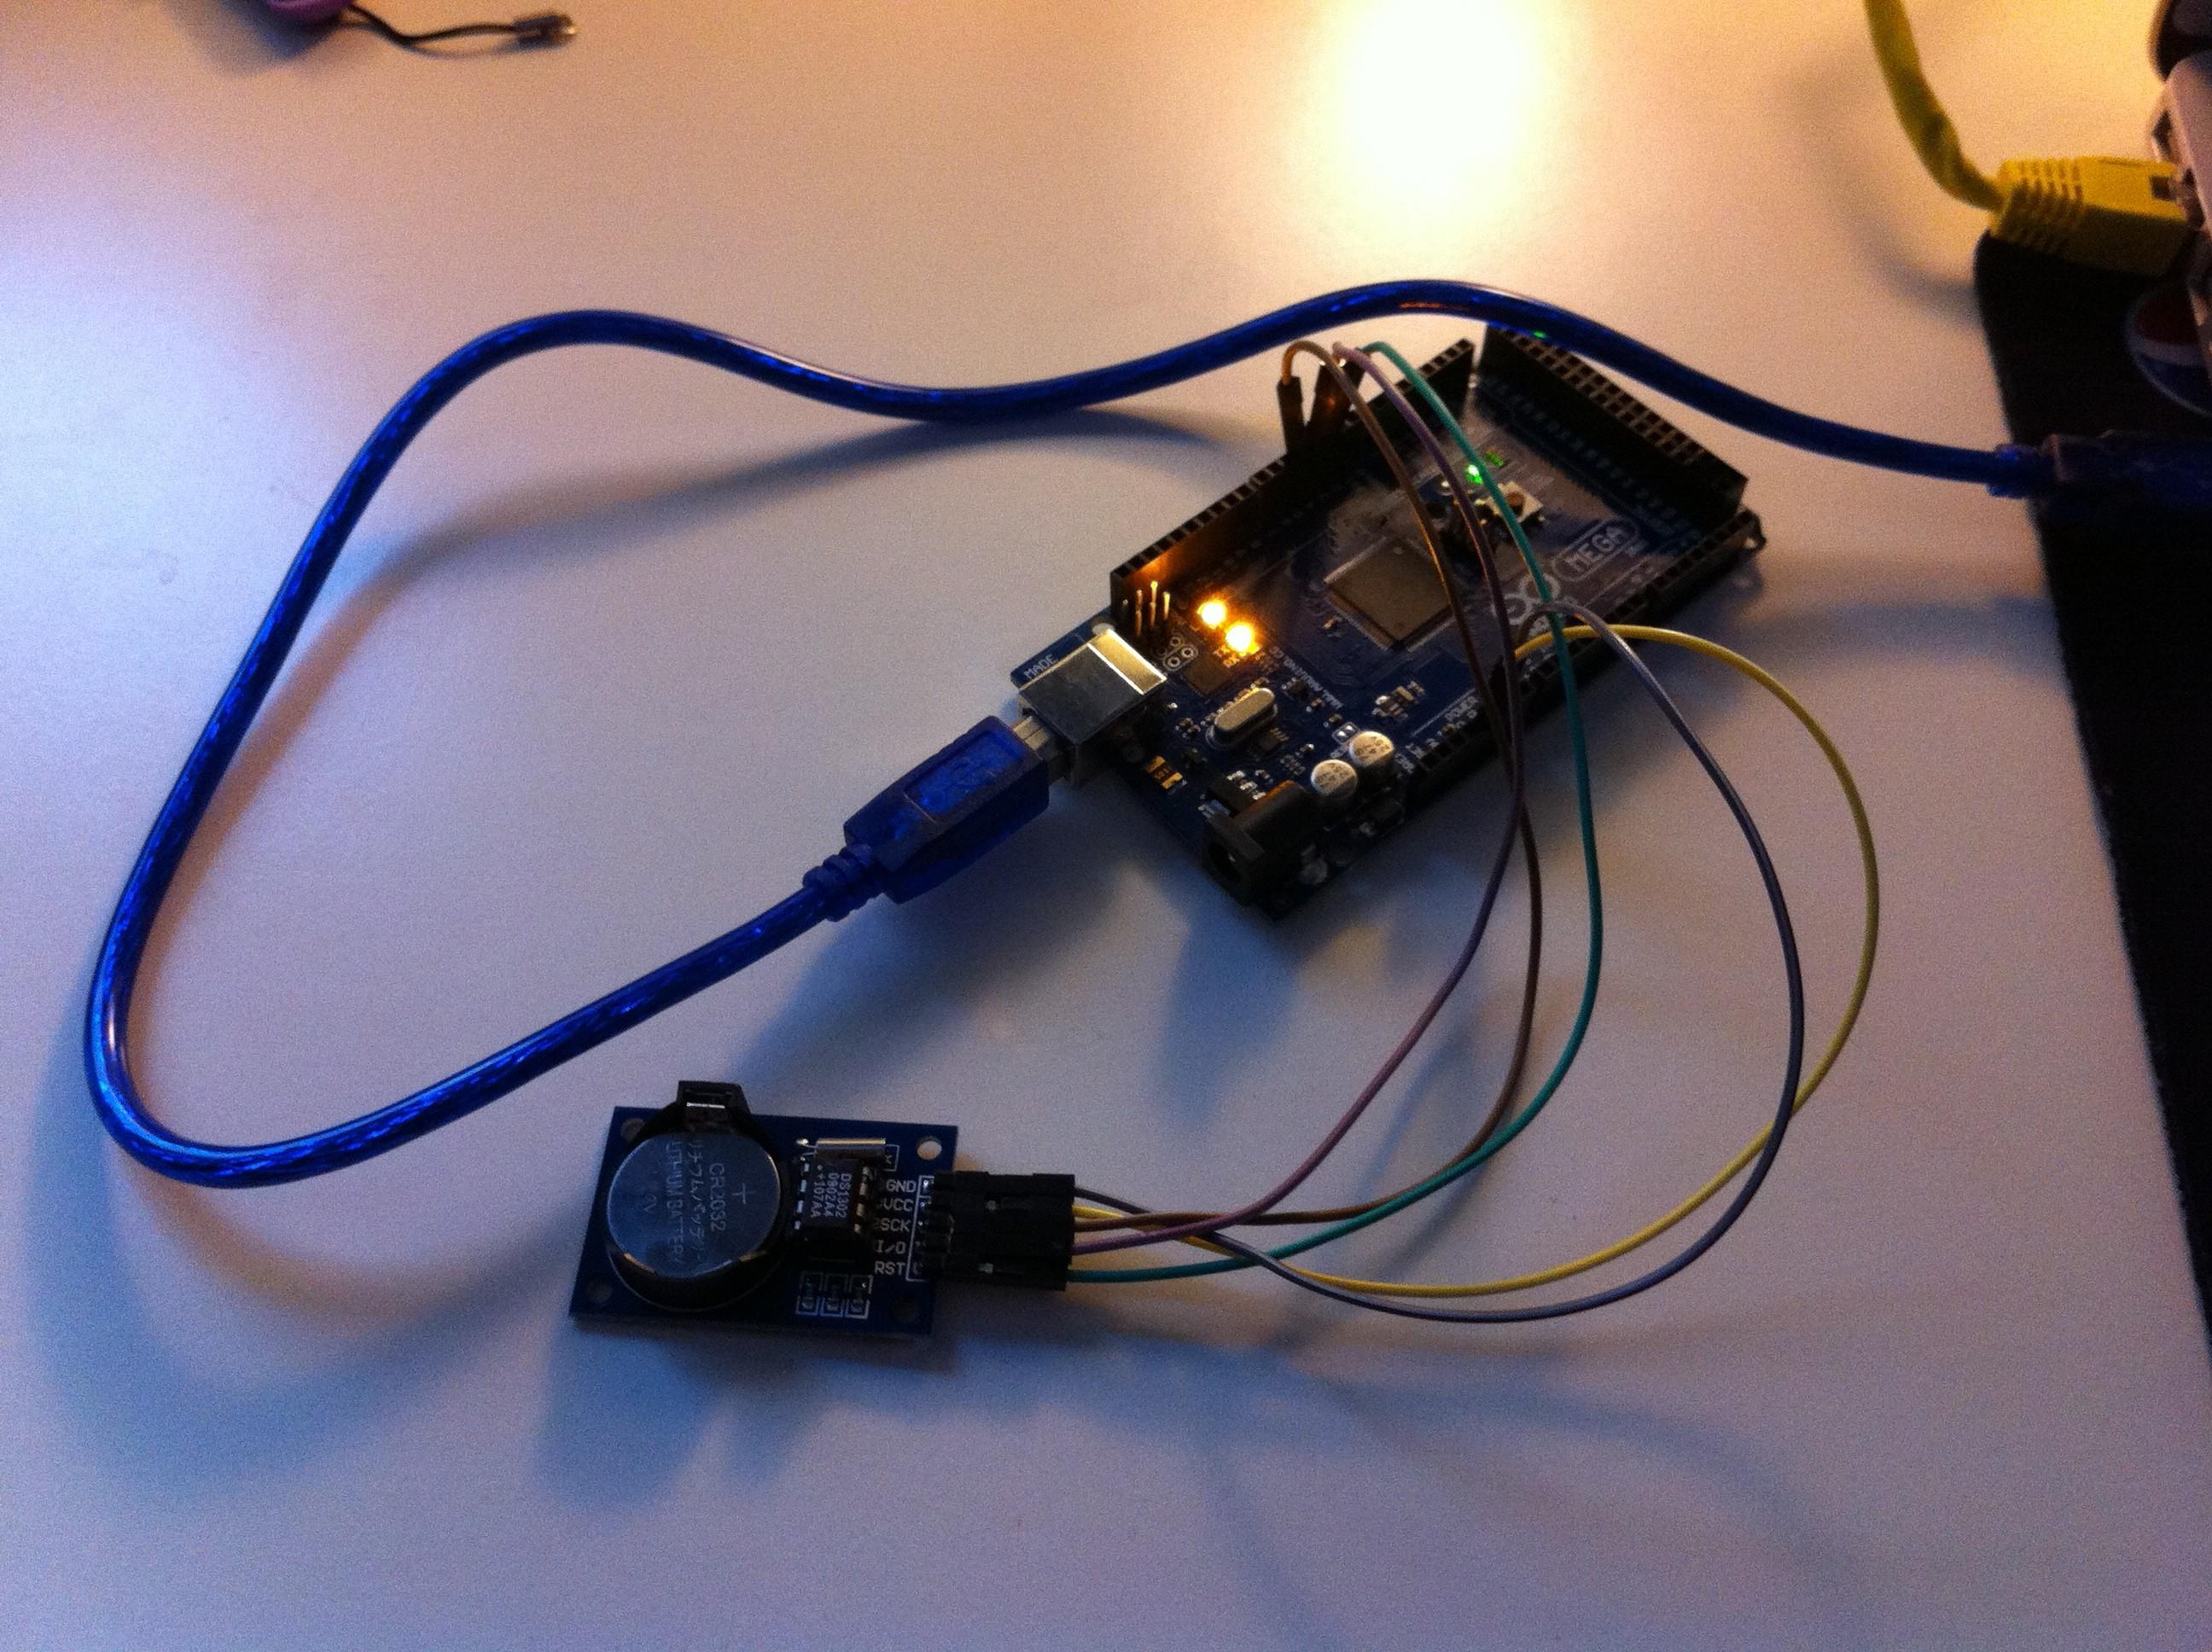 Lezione 9: Come associare un modulo RTC ad Arduino